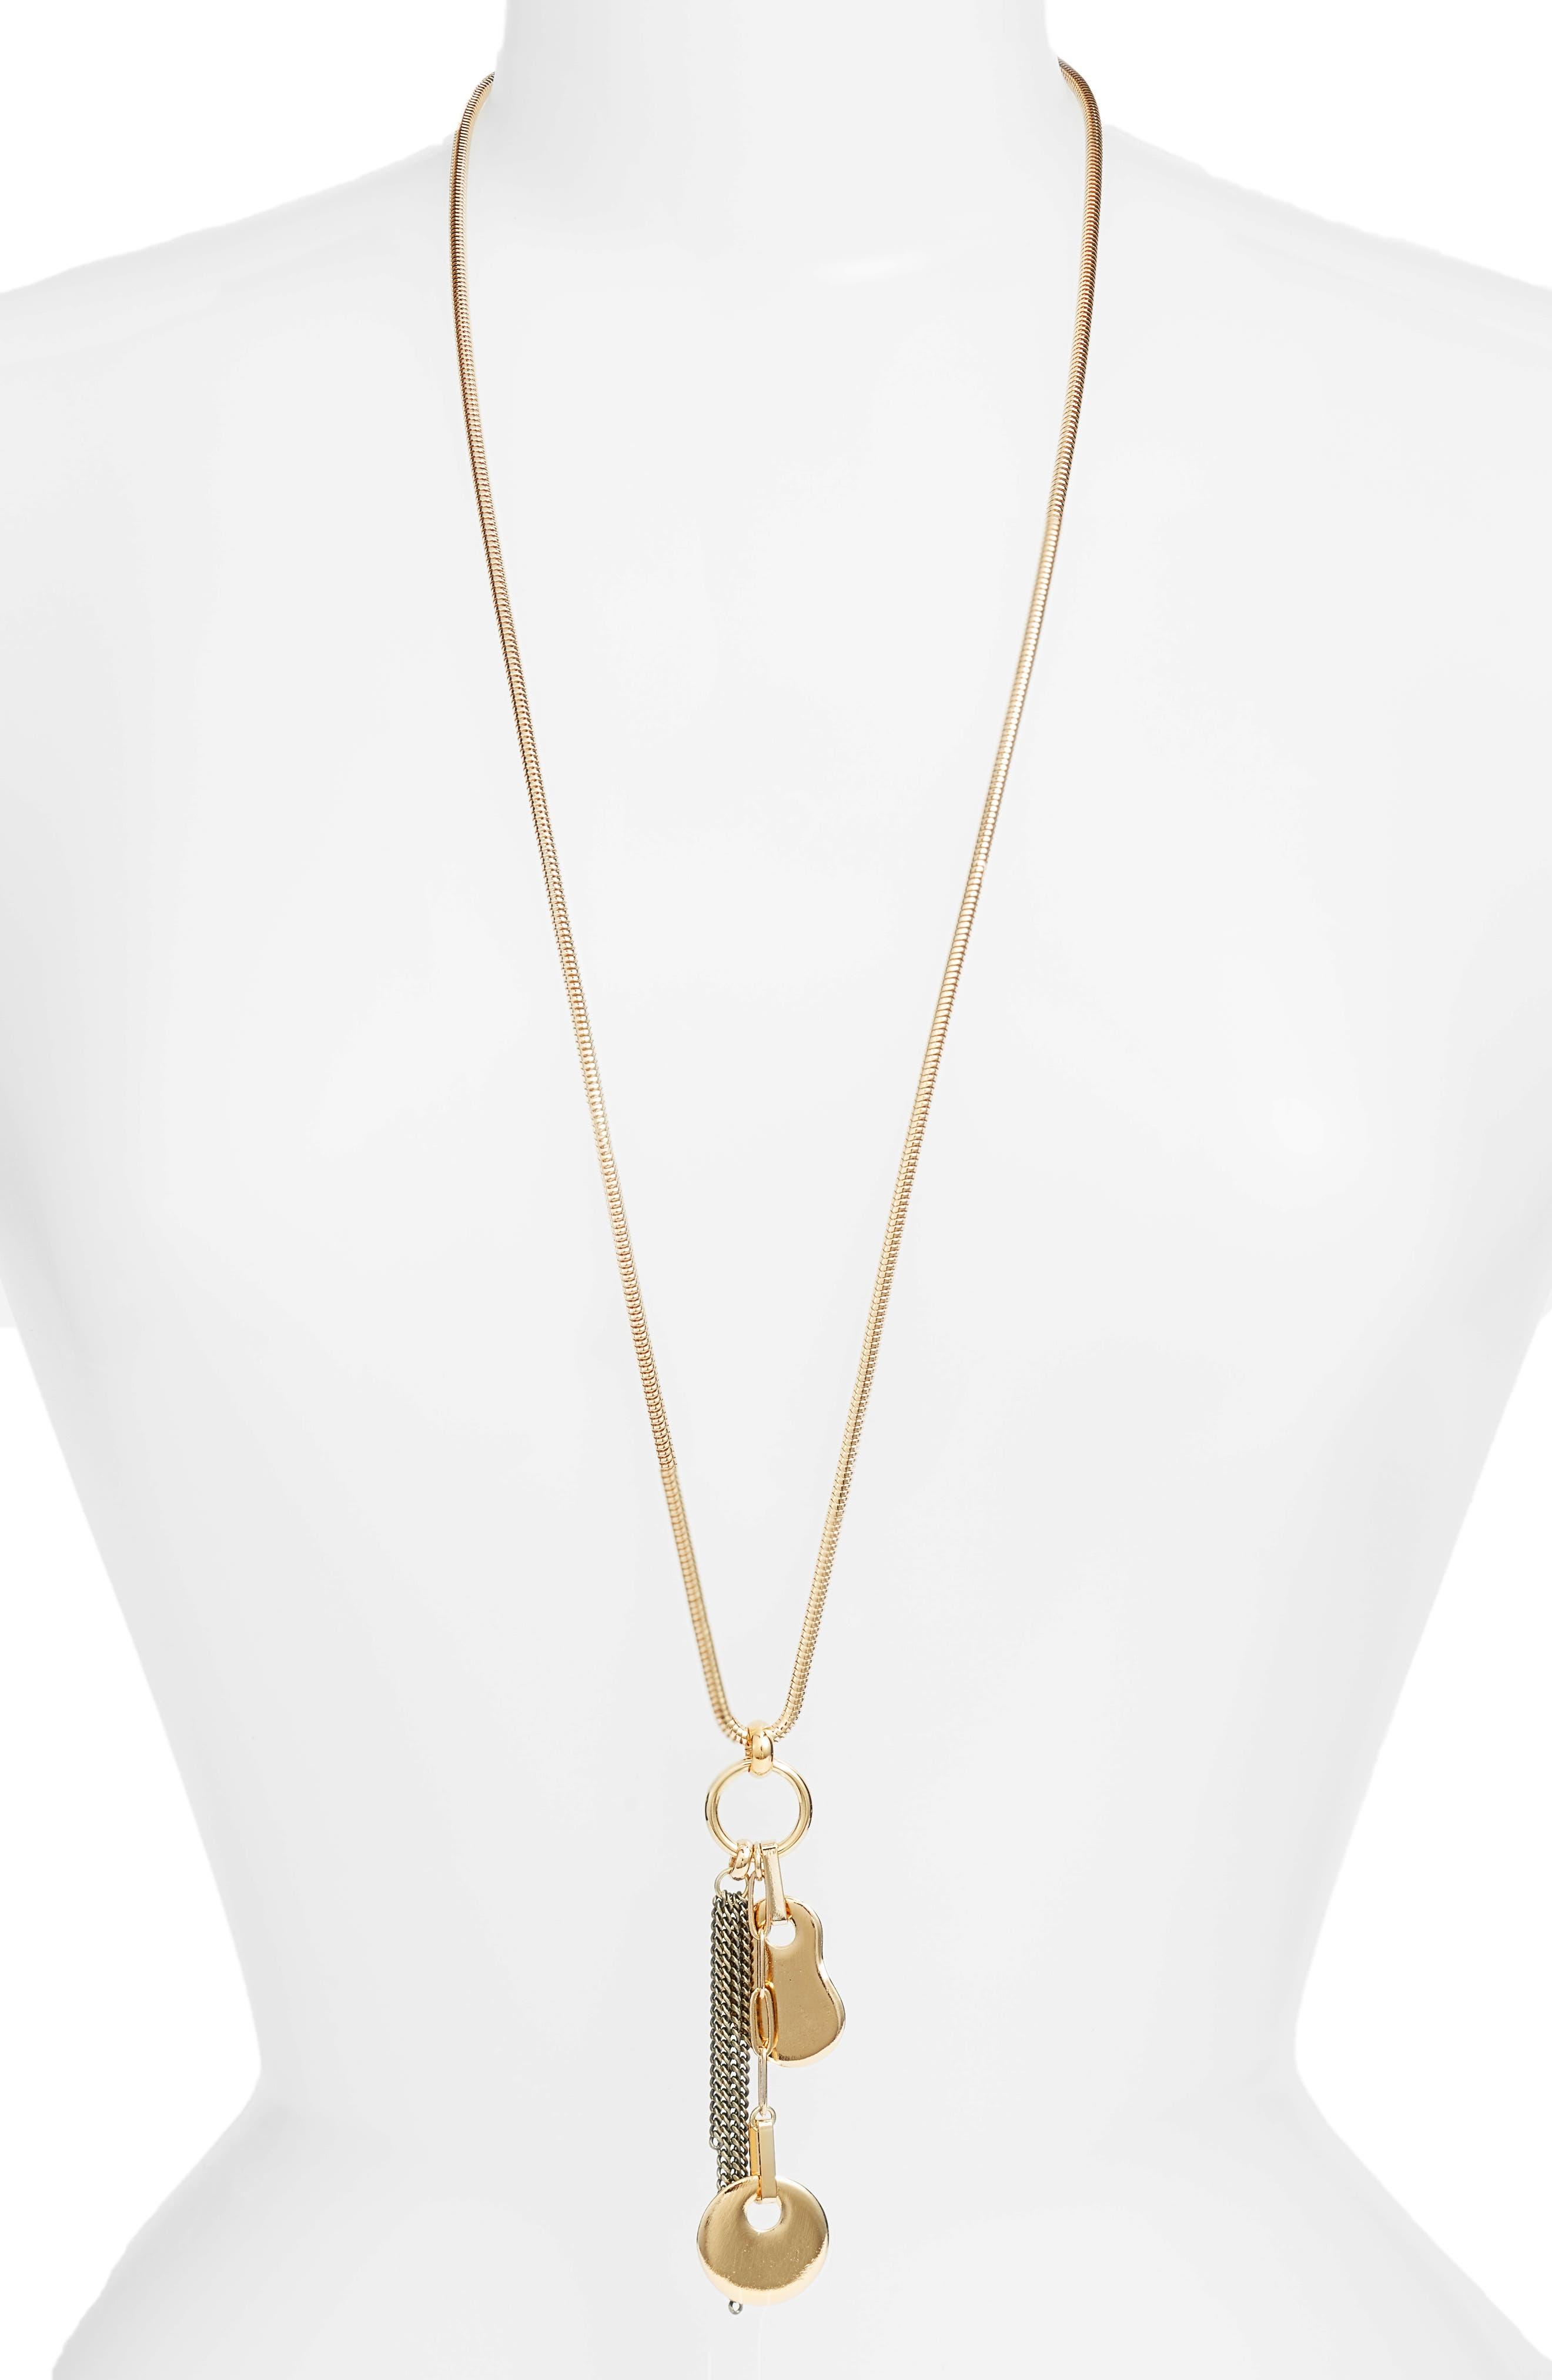 BIKO Amoeba Cluster Pendant Necklace